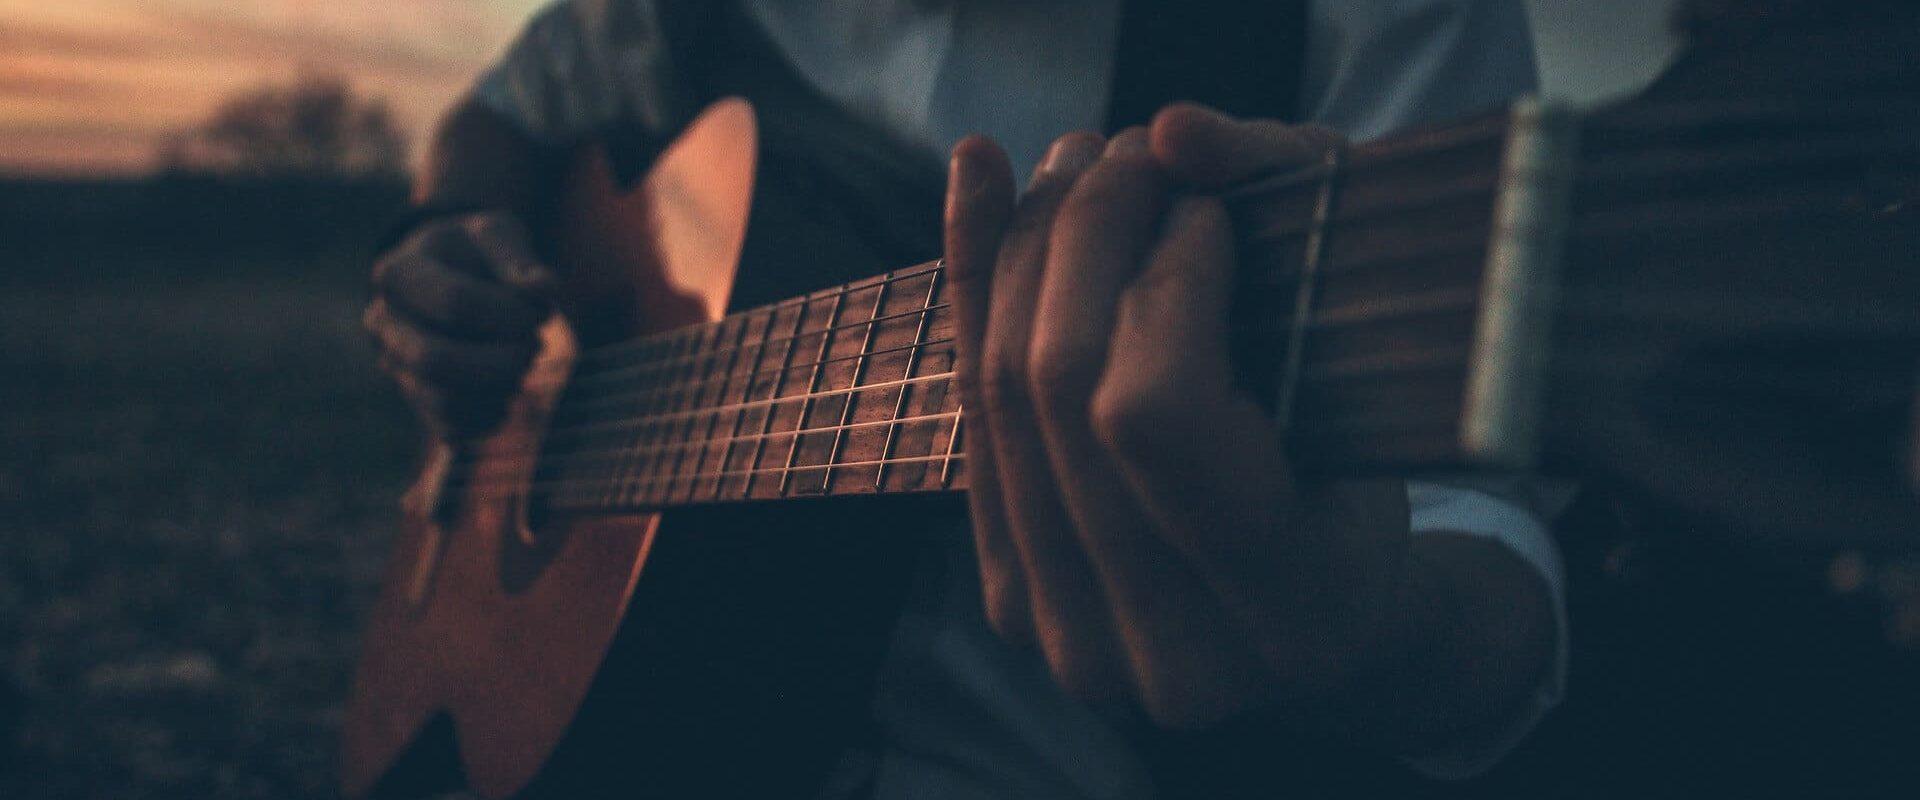 guitar-2875378_1920